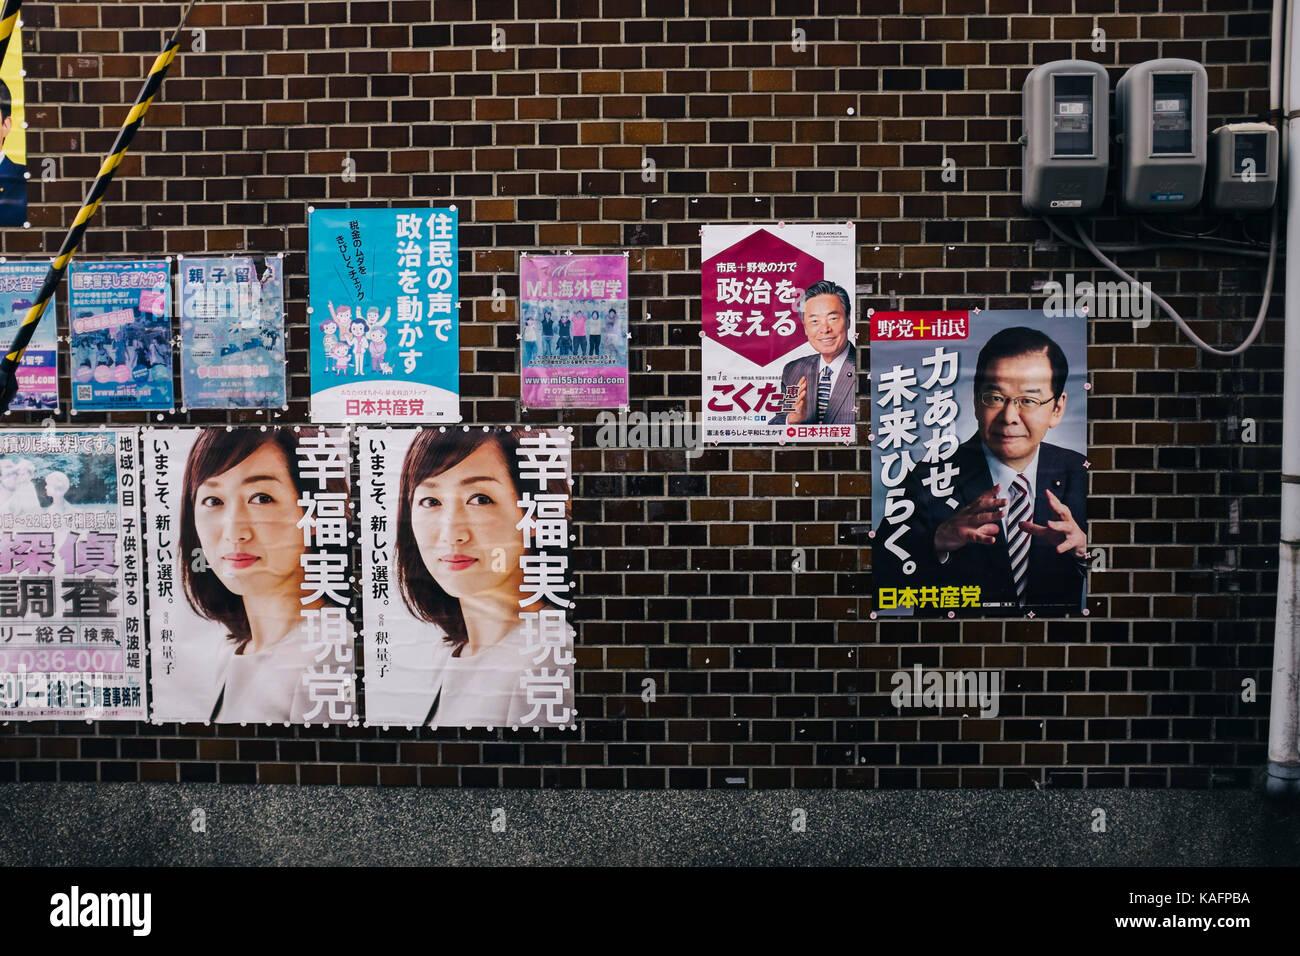 Cada día escena callejera en Japón. carteles en una pared. Imagen De Stock